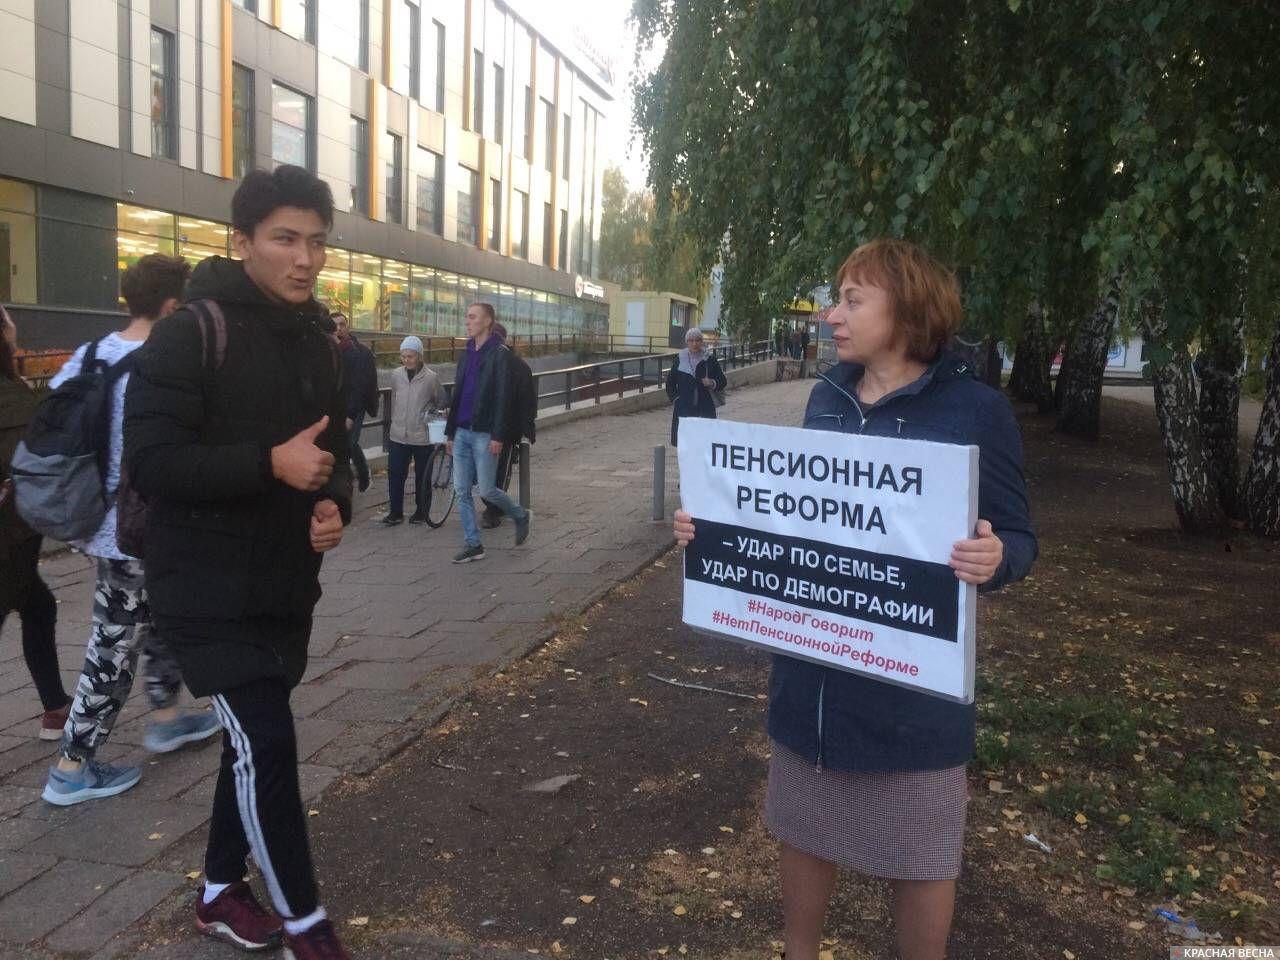 Пикет против пенсионной реформы г. Набережные Челны